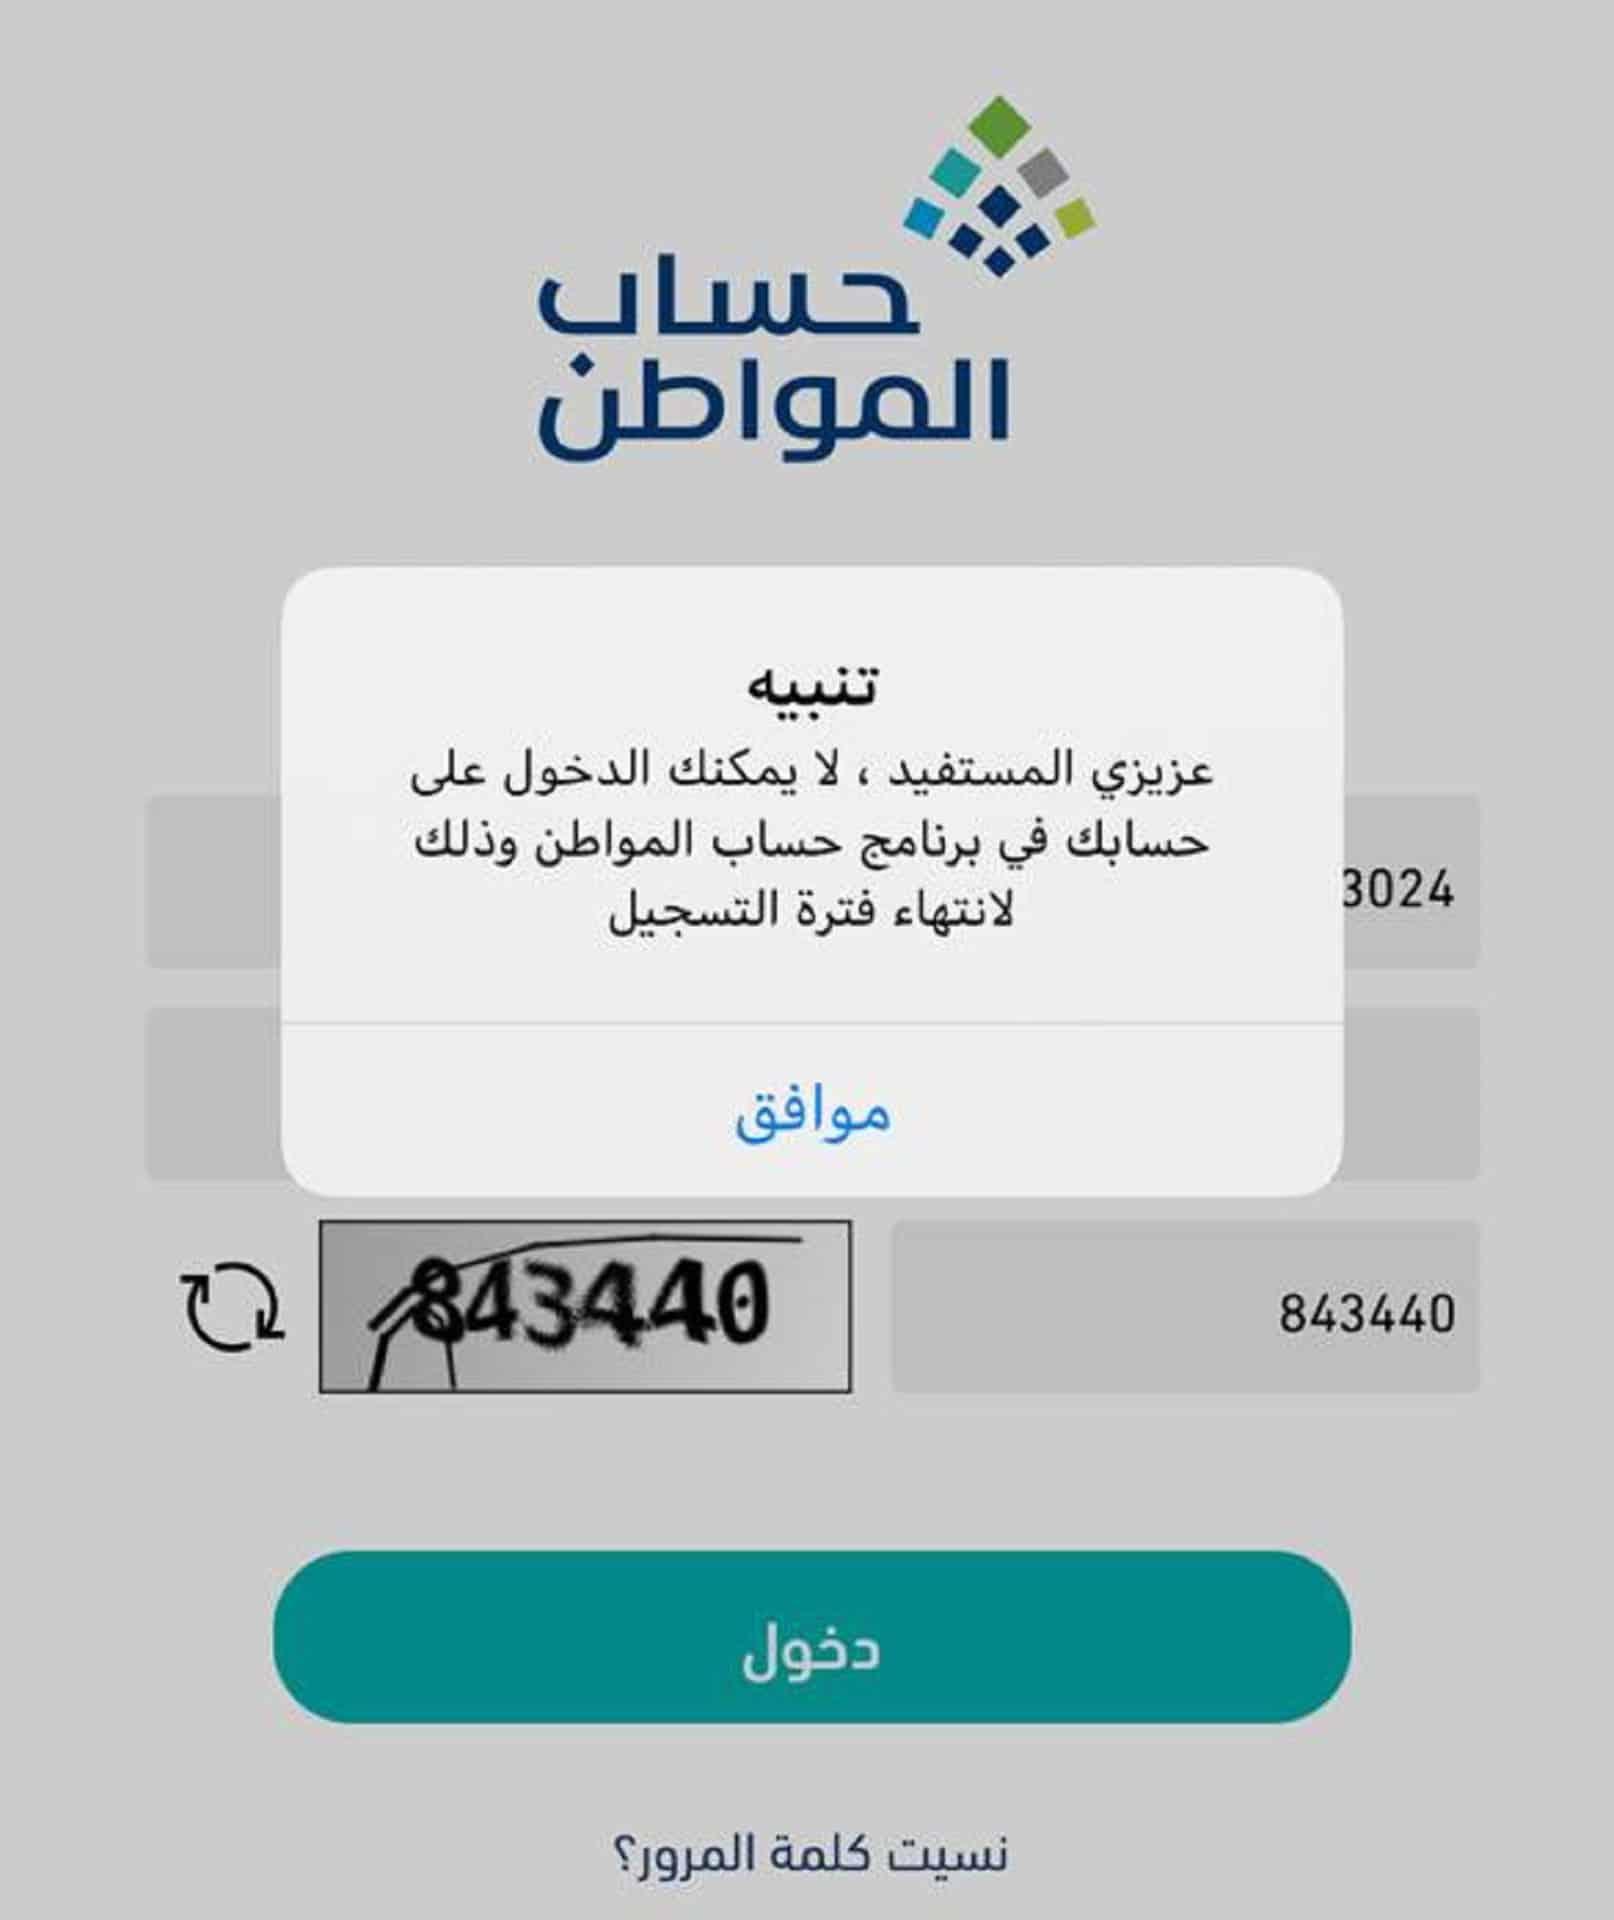 الدفعة 38 من حساب المواطن السعودي